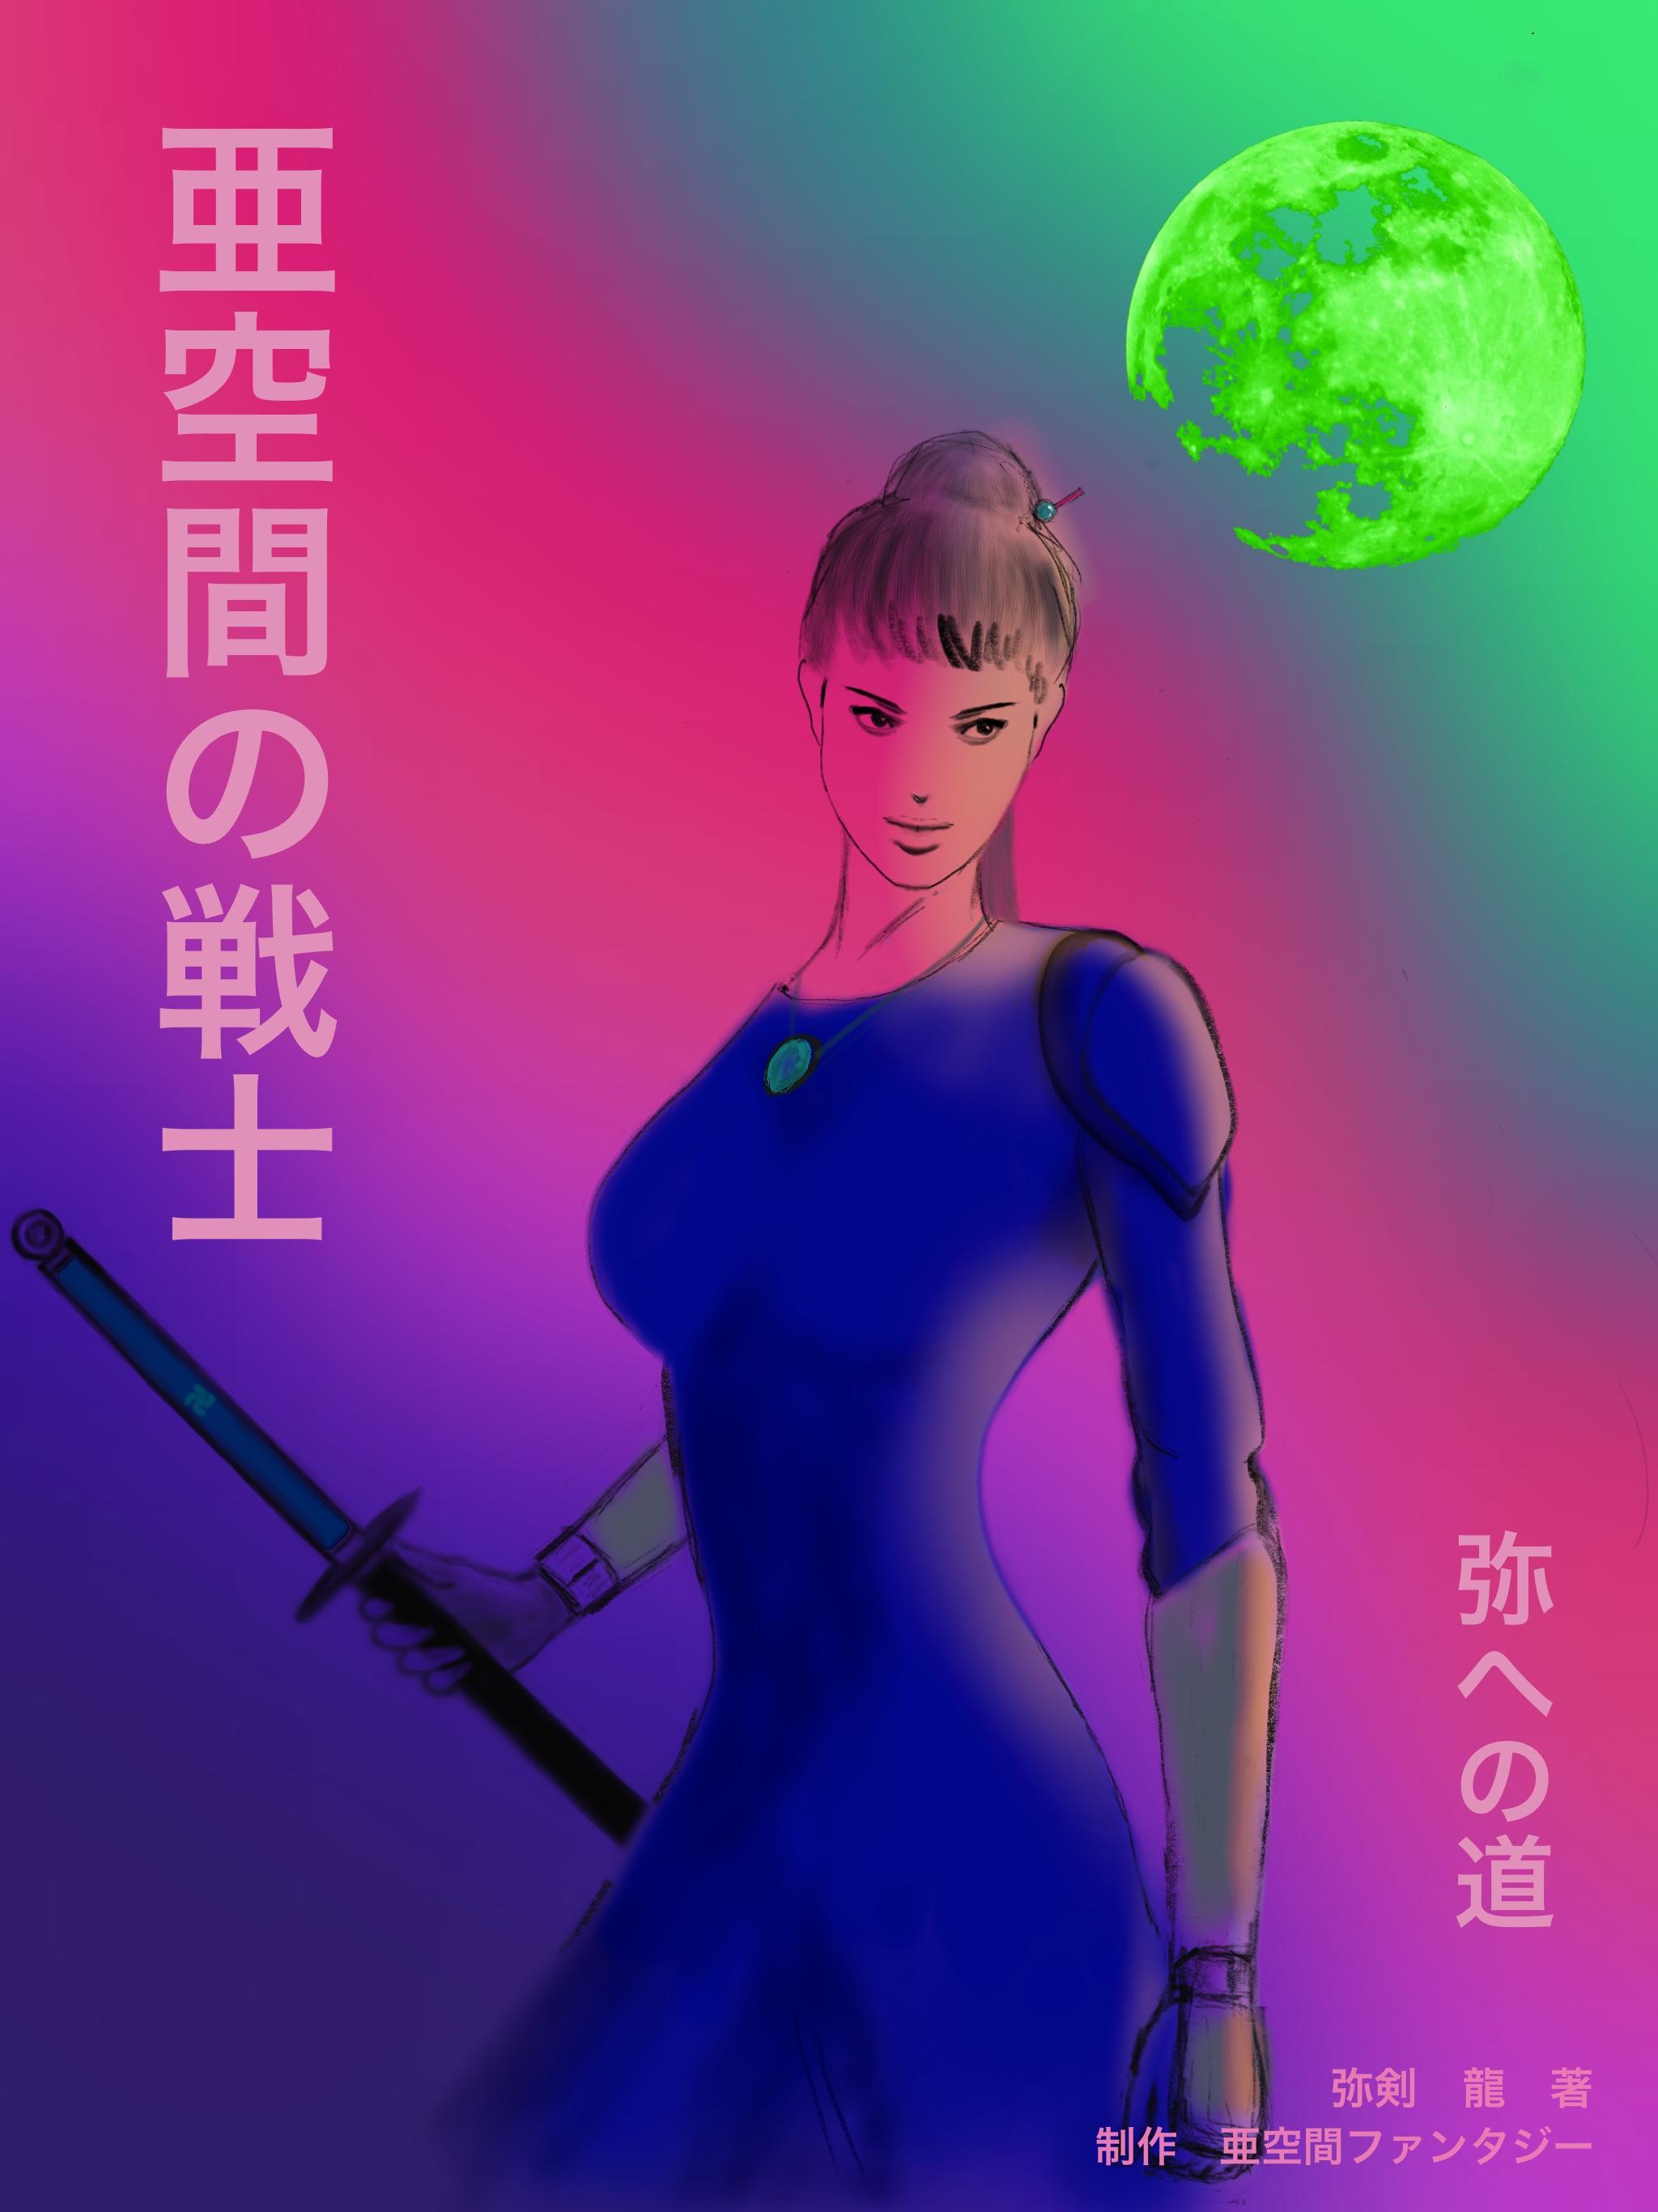 亜空間の戦士 弥への道の表紙